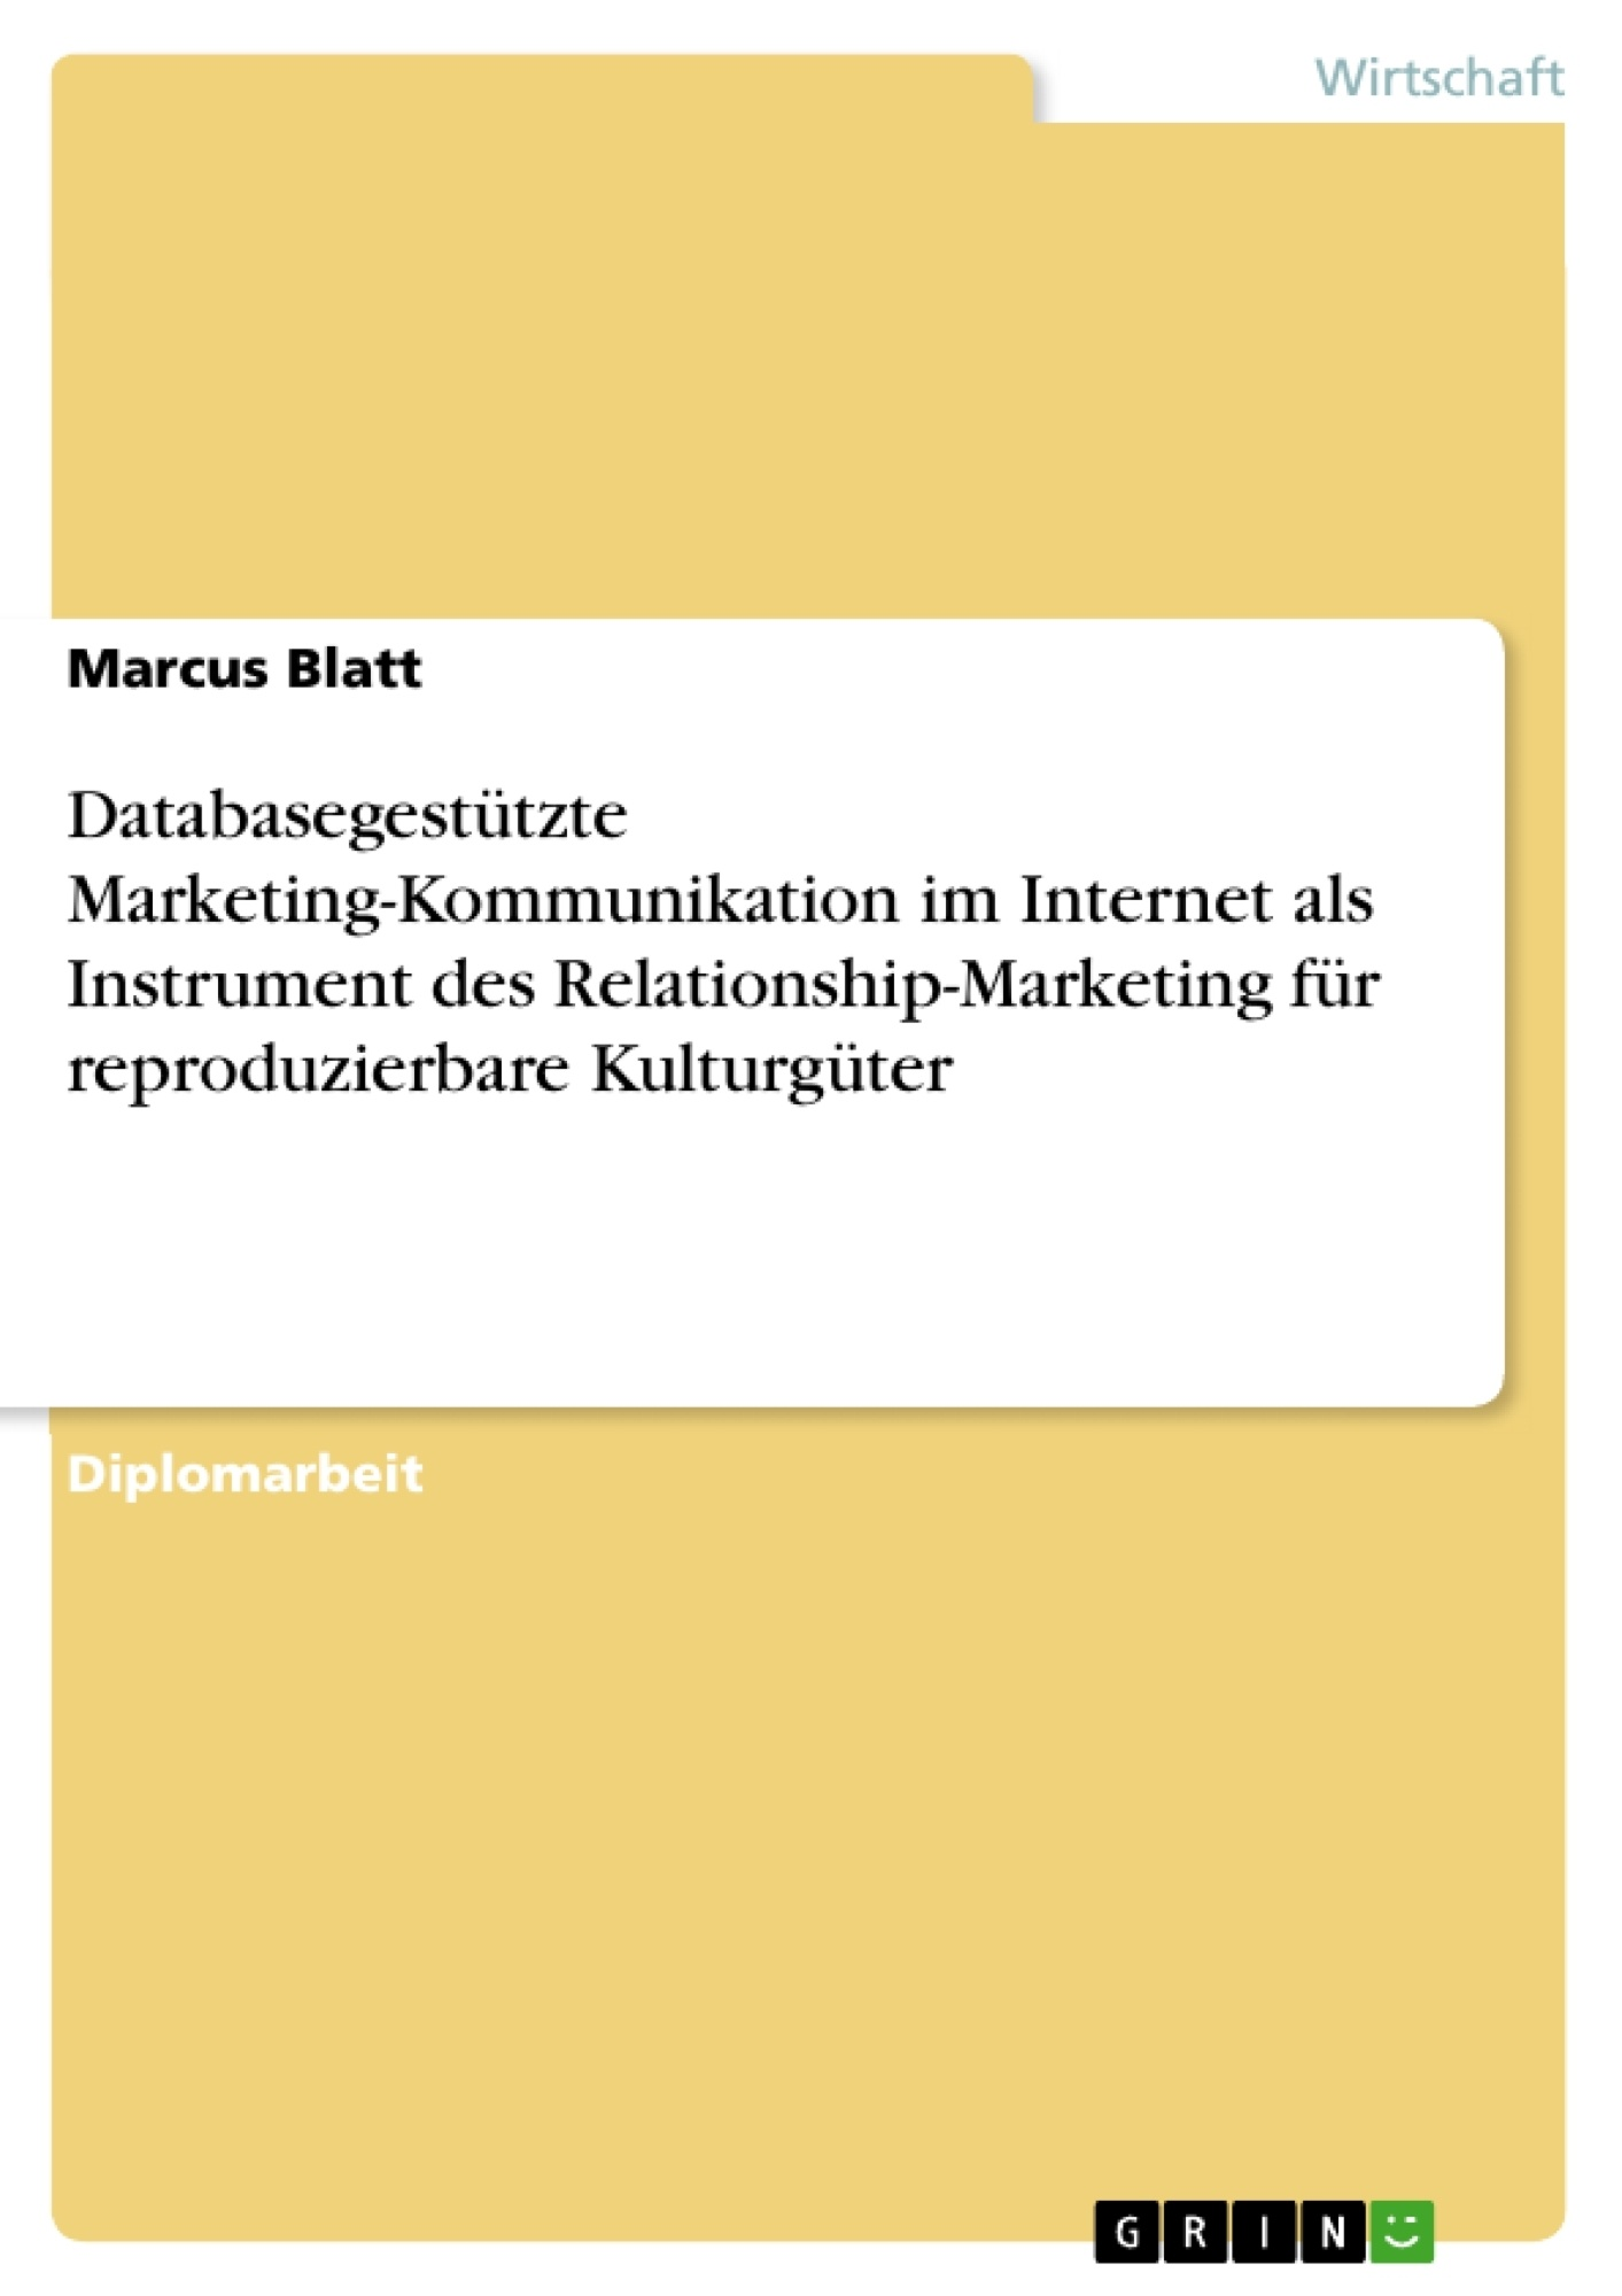 Titel: Databasegestützte Marketing-Kommunikation im Internet als Instrument des Relationship-Marketing für reproduzierbare Kulturgüter